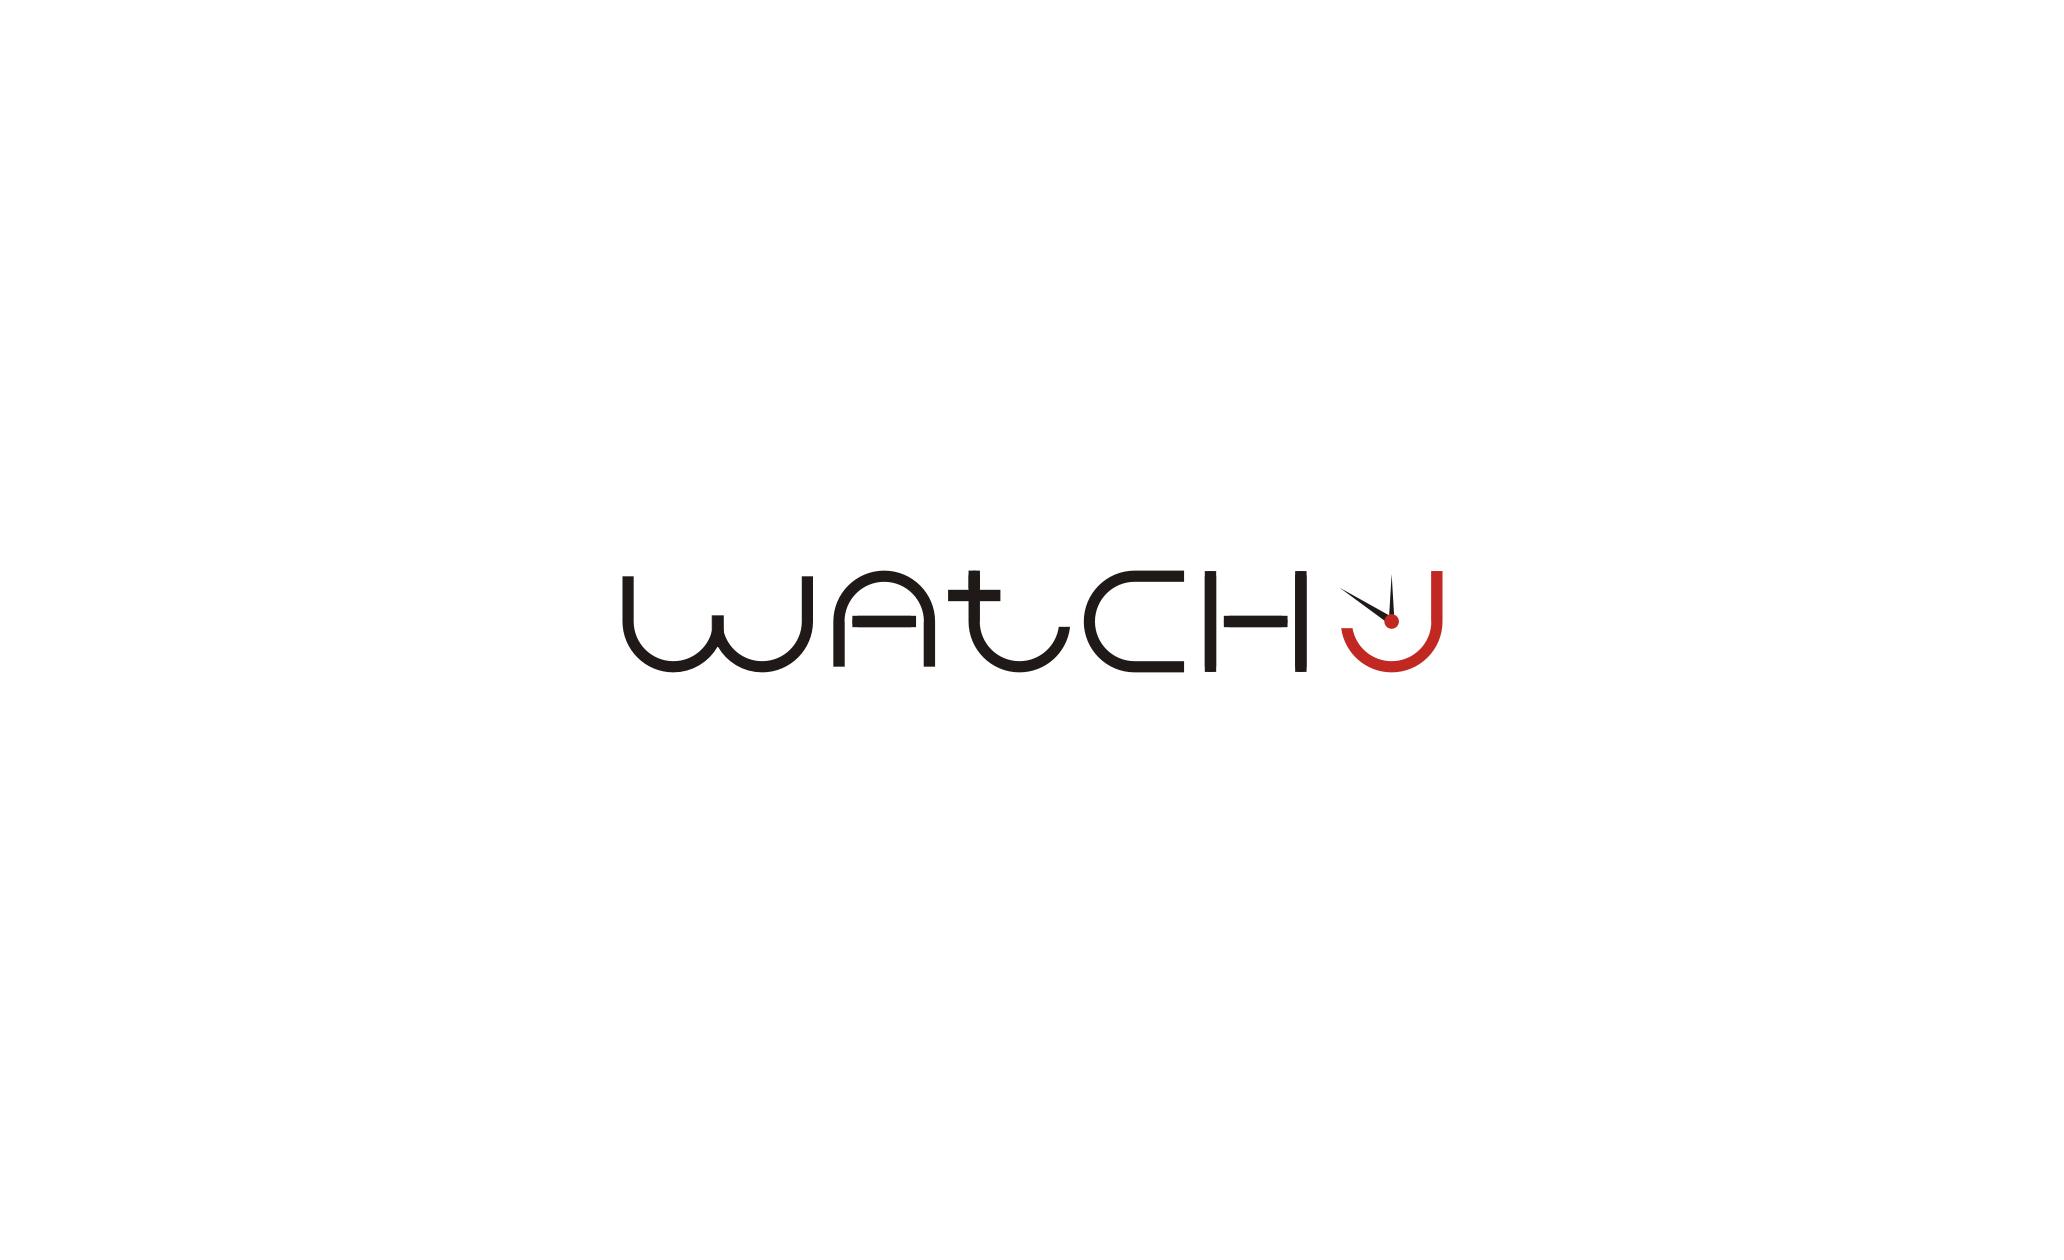 Watch J